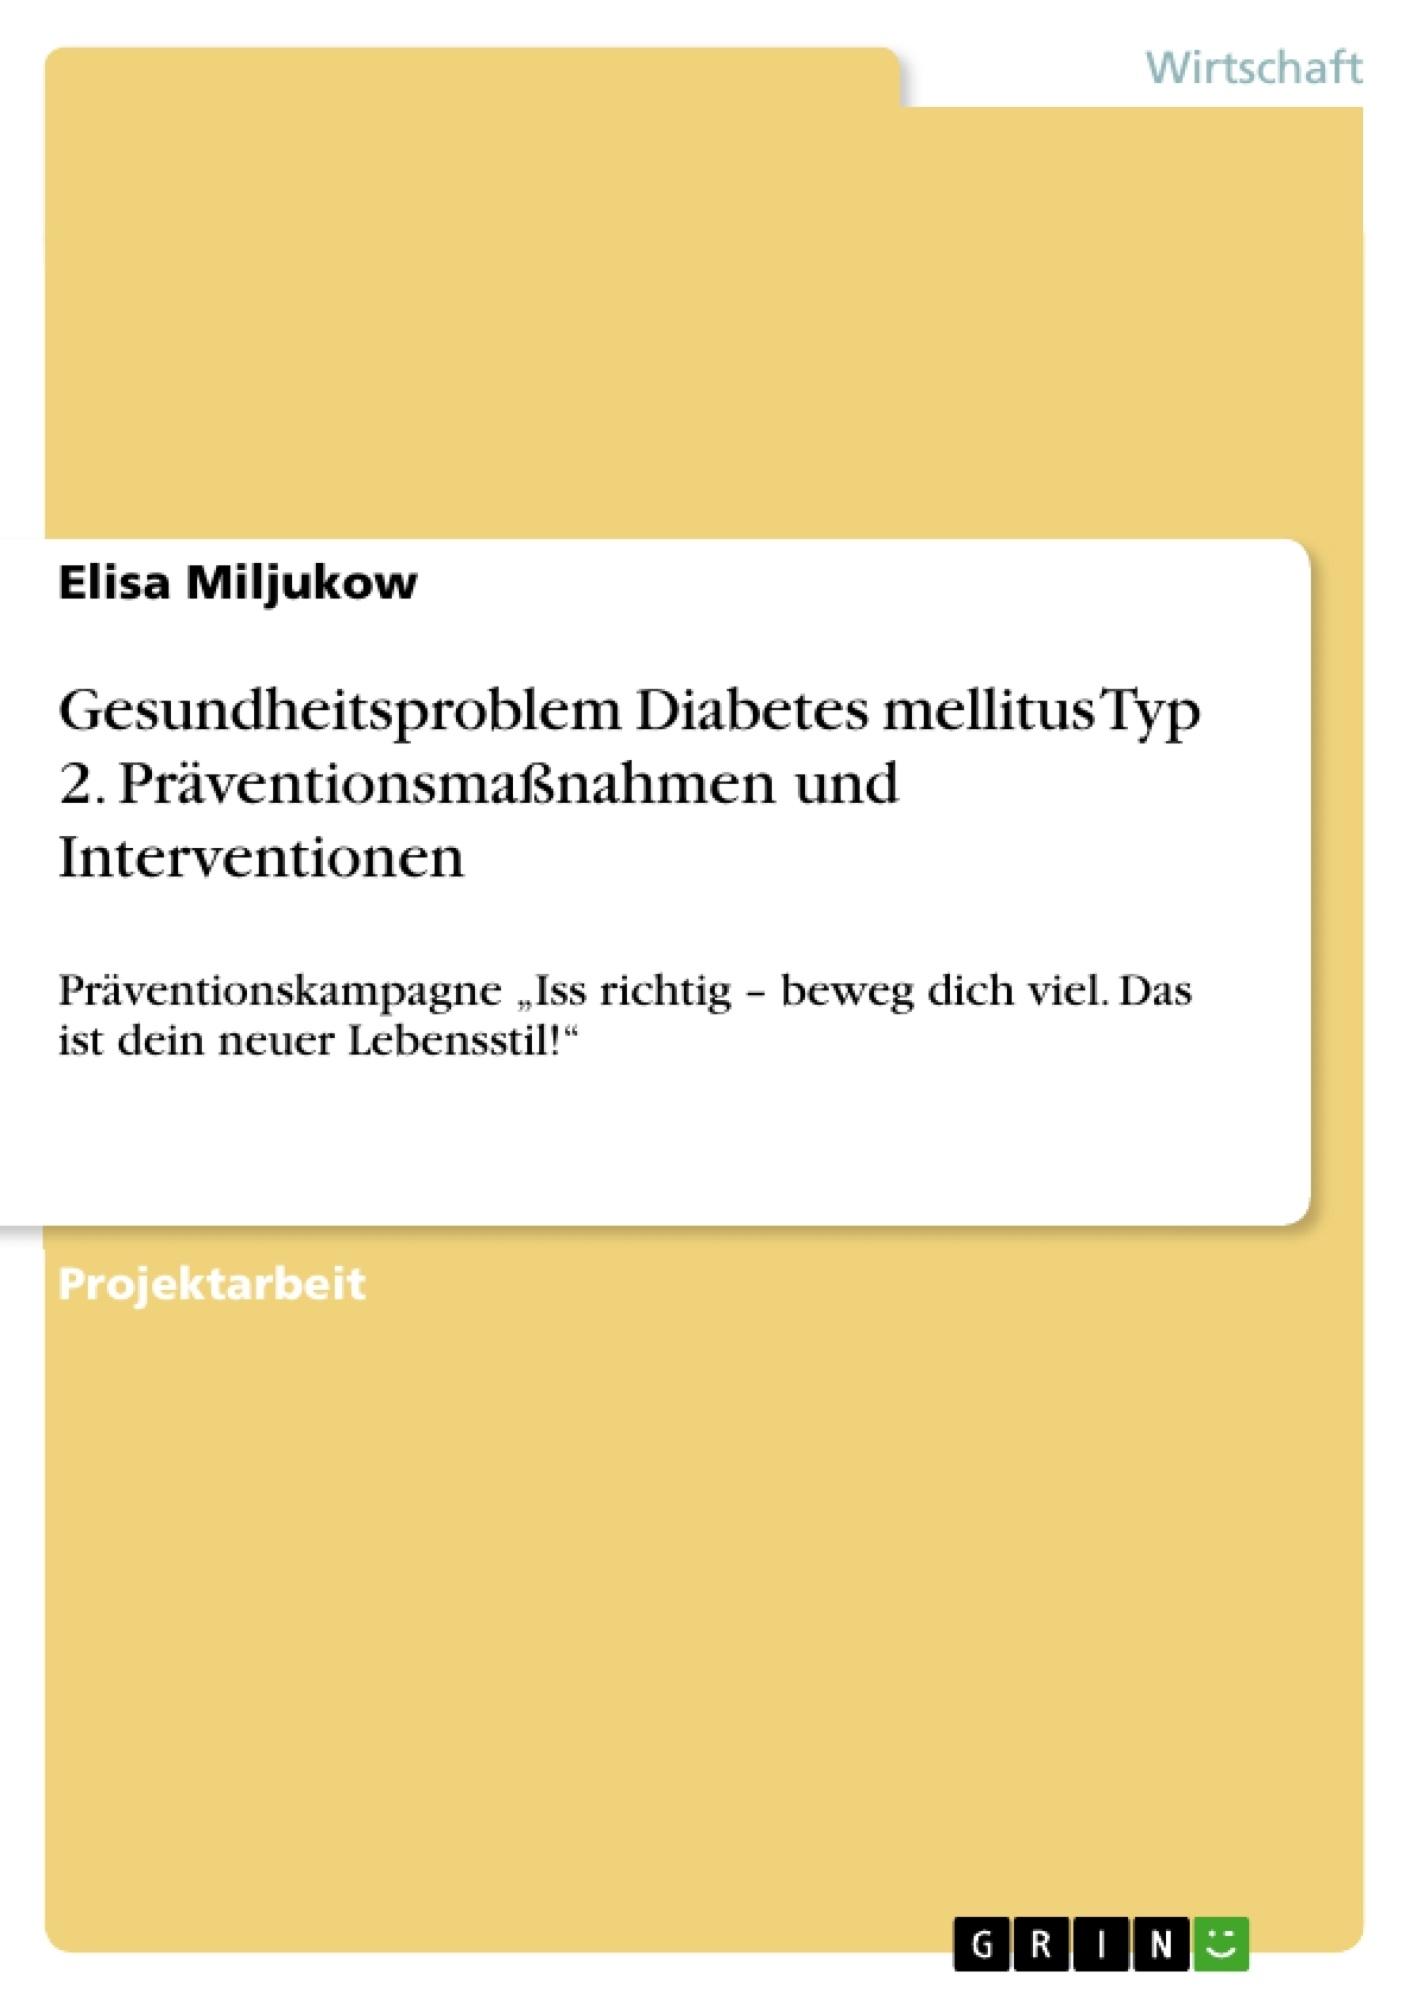 Titel: Gesundheitsproblem Diabetes mellitus Typ 2. Präventionsmaßnahmen und Interventionen